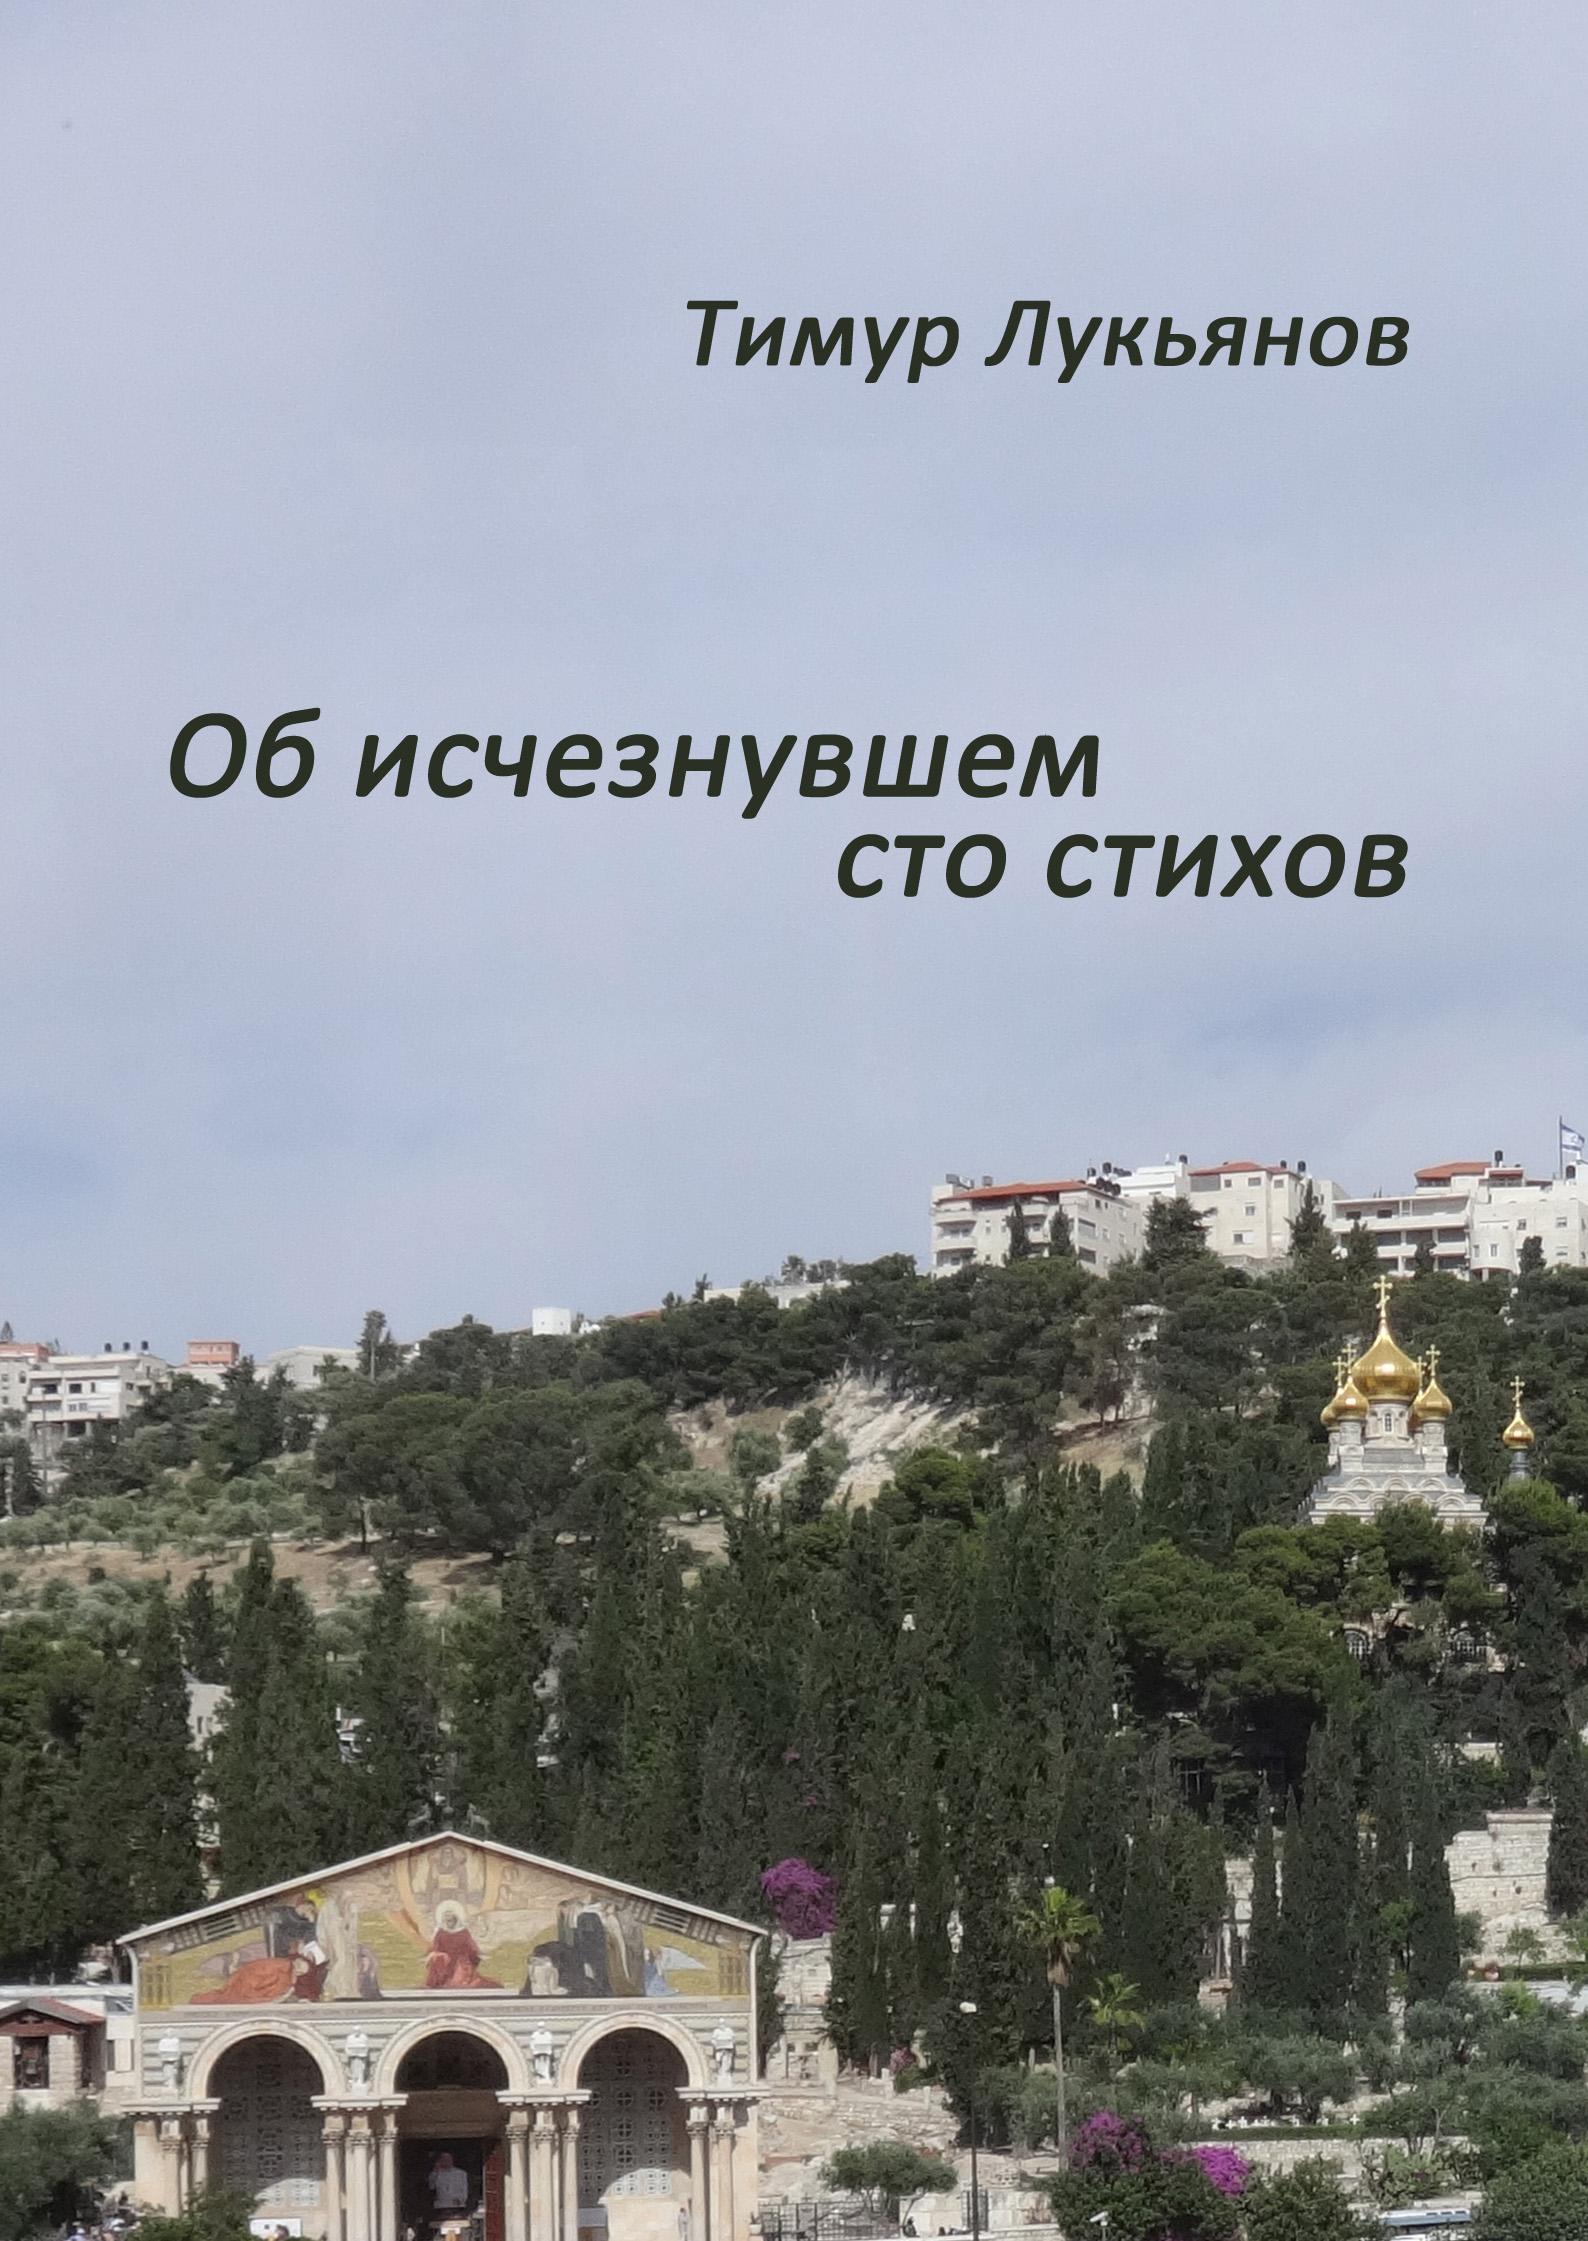 тимур лукьянов кровь и песок сборник Тимур Лукьянов Об исчезнувшем cто стихов